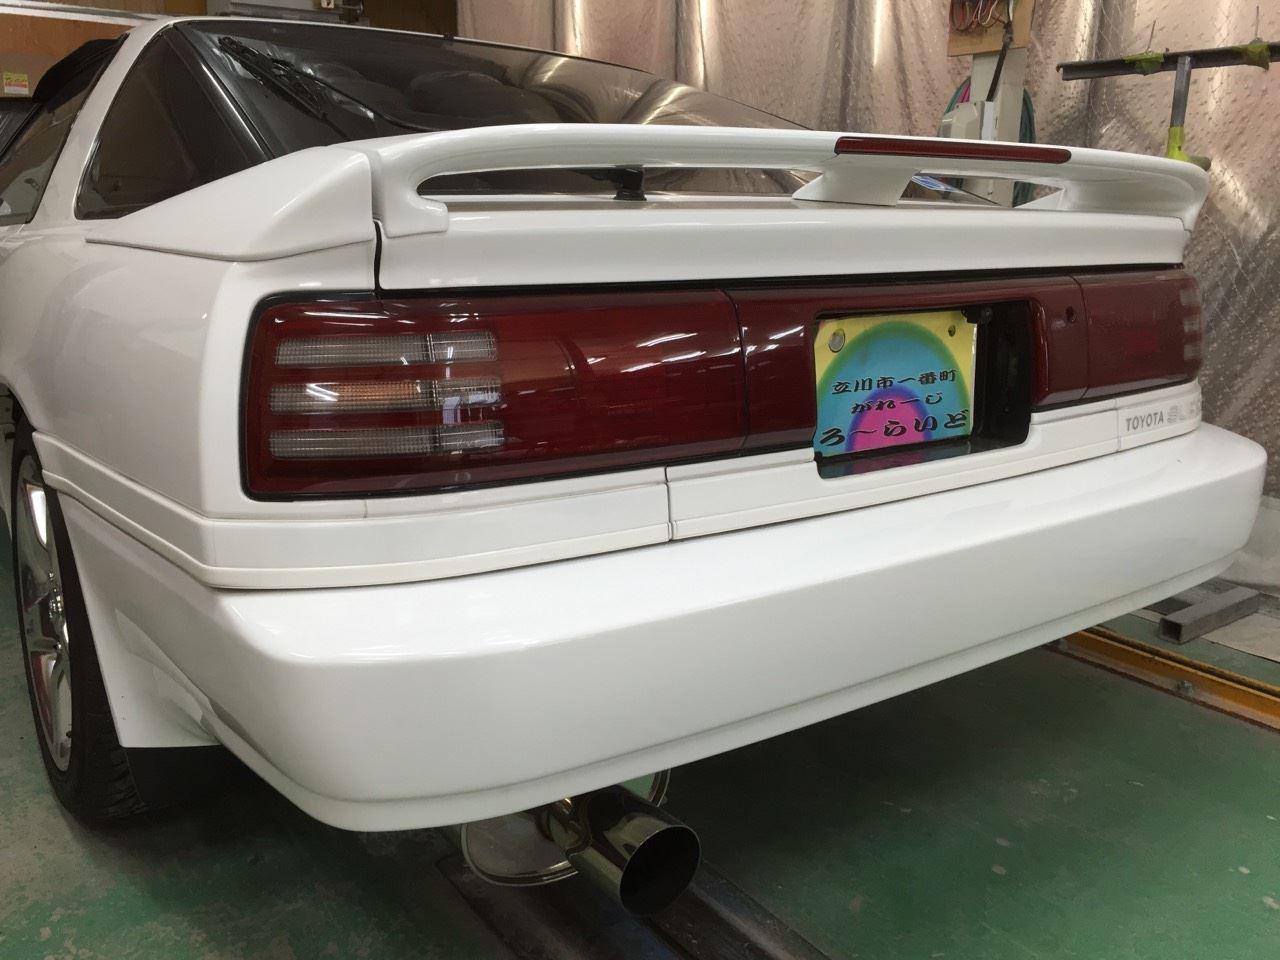 東京都立川市の車の板金塗装修理工場 ガレージローライドのトヨタ スープラのエアロパーツ塗装 取付等 です。